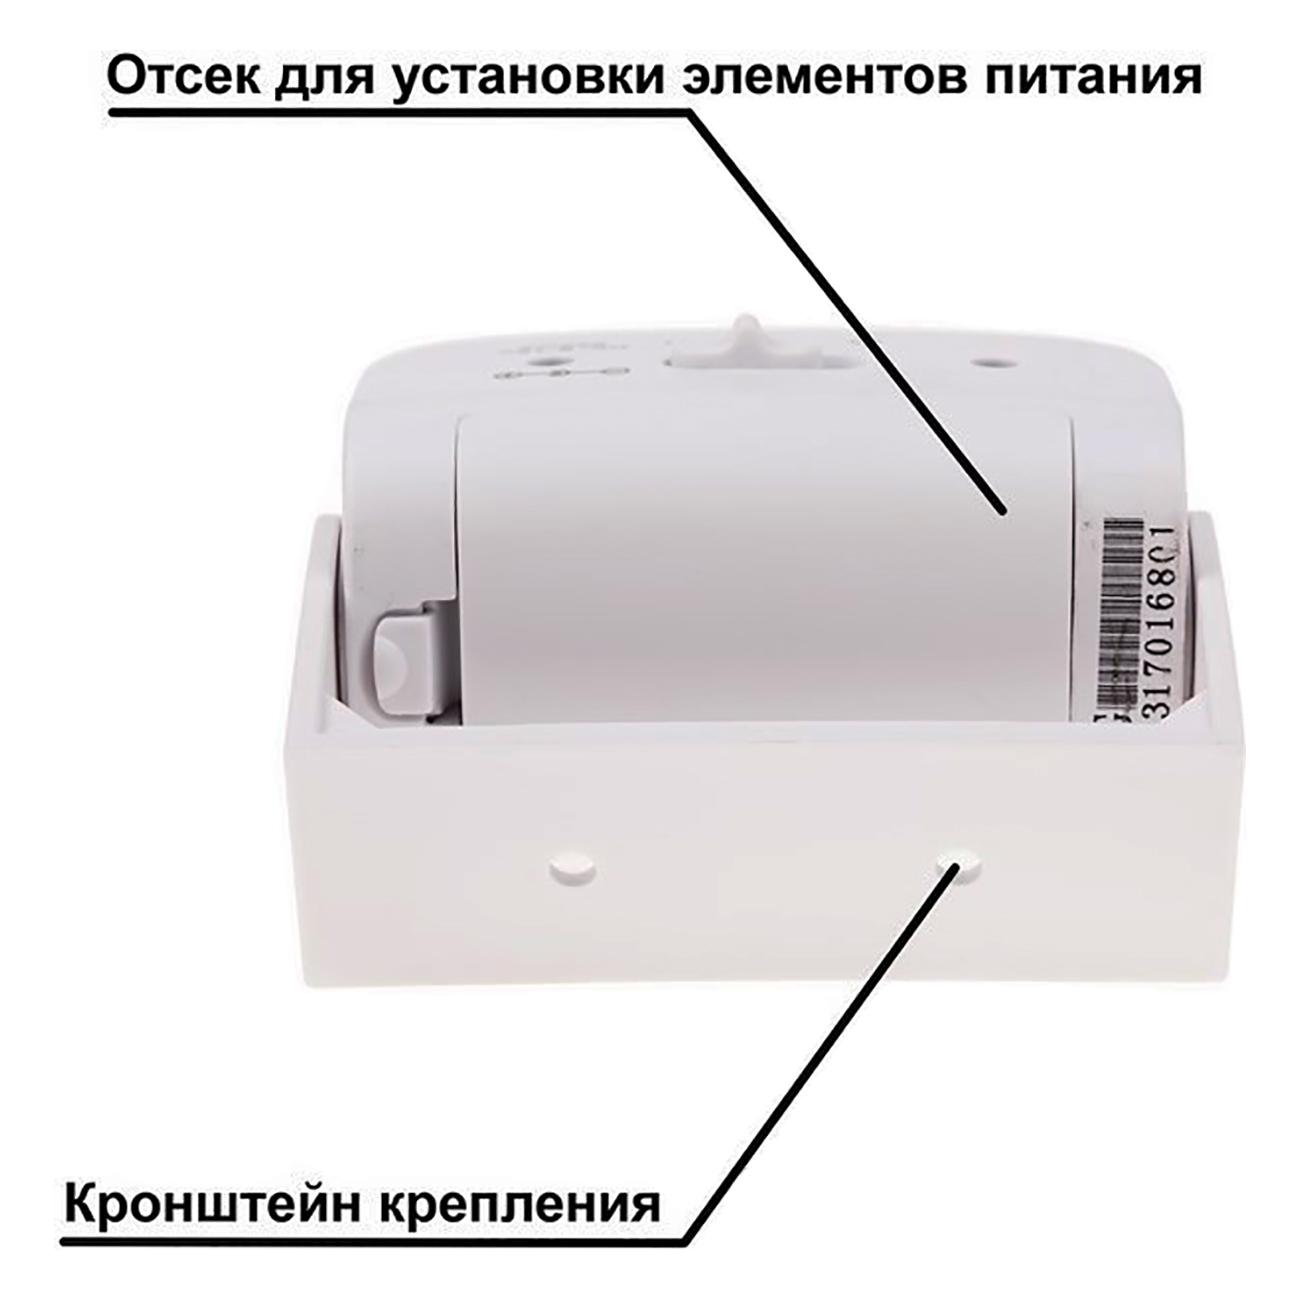 Фото Беспроводной звонок Rexant GS-215 с выносным датчиком движения {46-0215} (1)